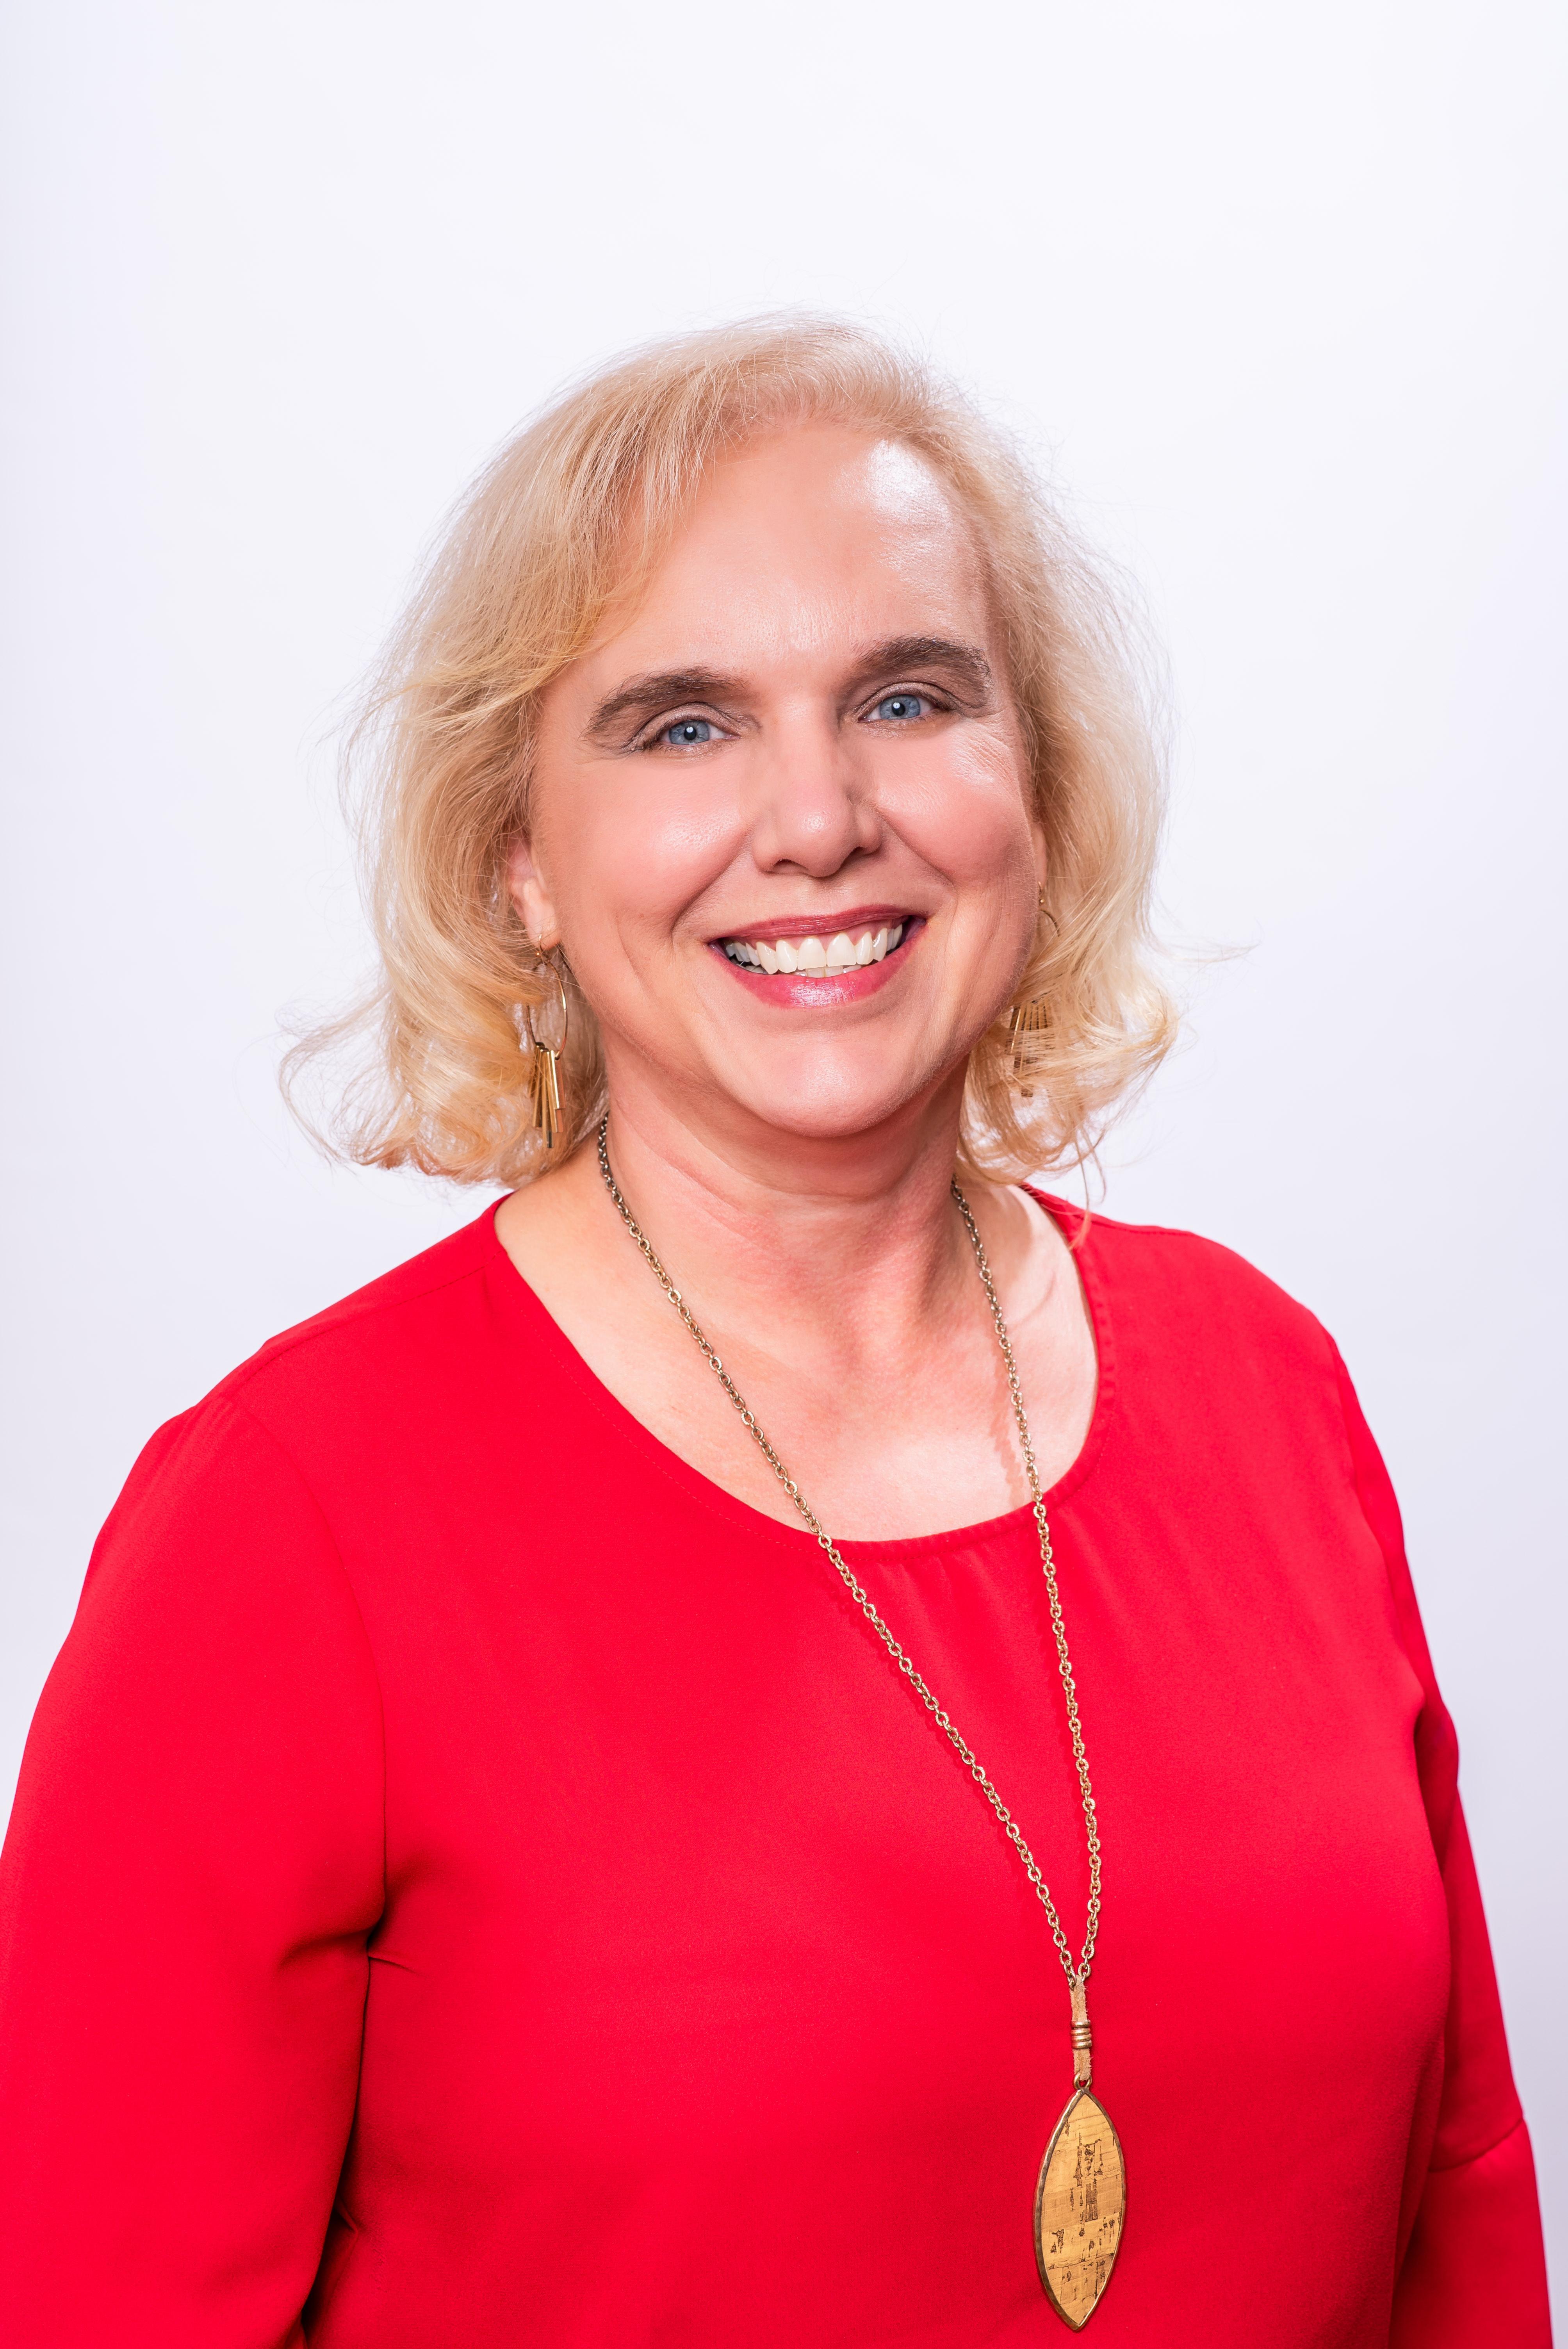 Lisa VanZandt